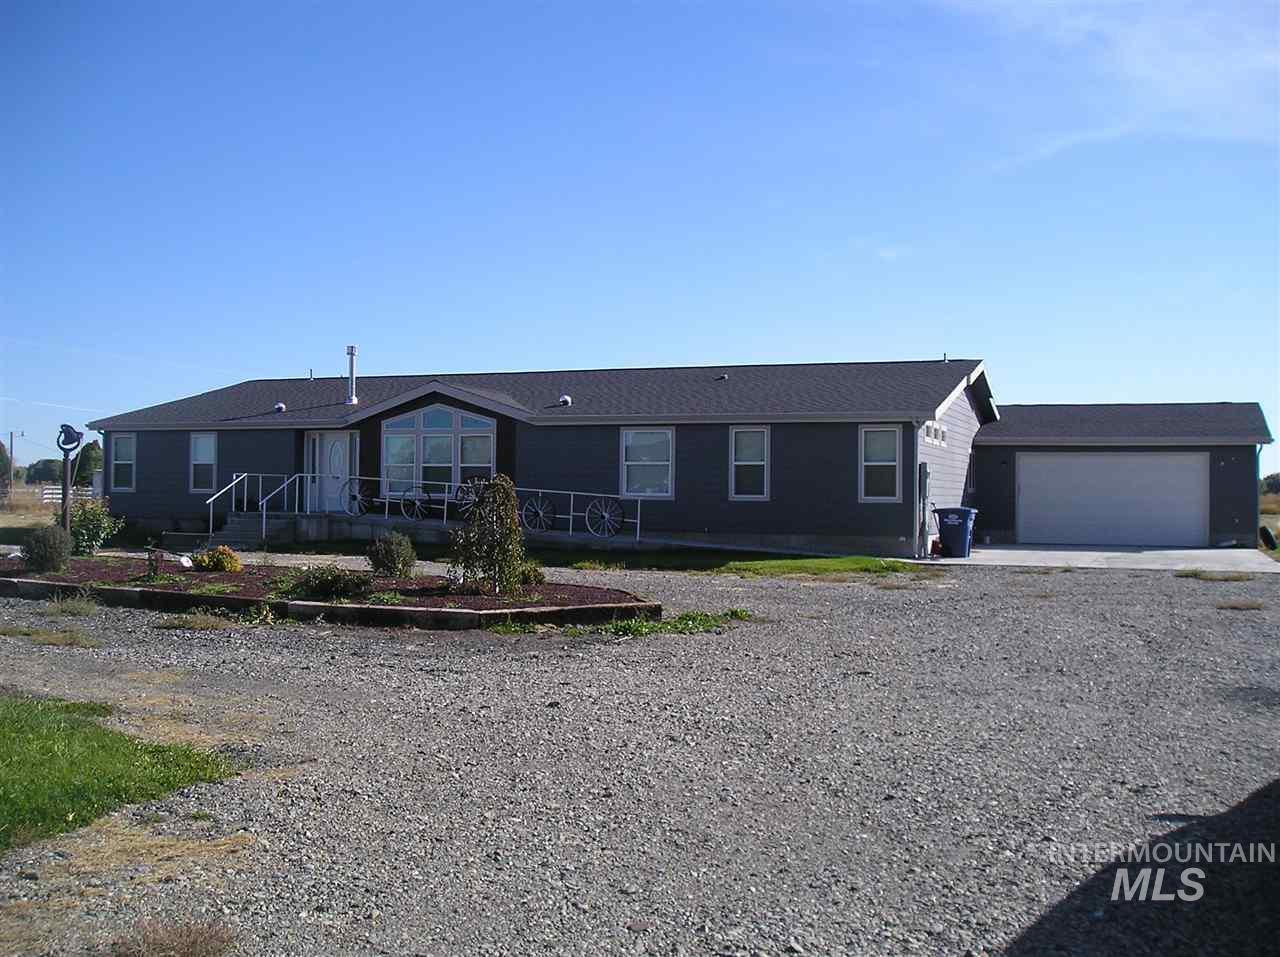 独户住宅 为 销售 在 1957 E 1775 S 1957 E 1775 S 古丁, 爱达荷州 83330